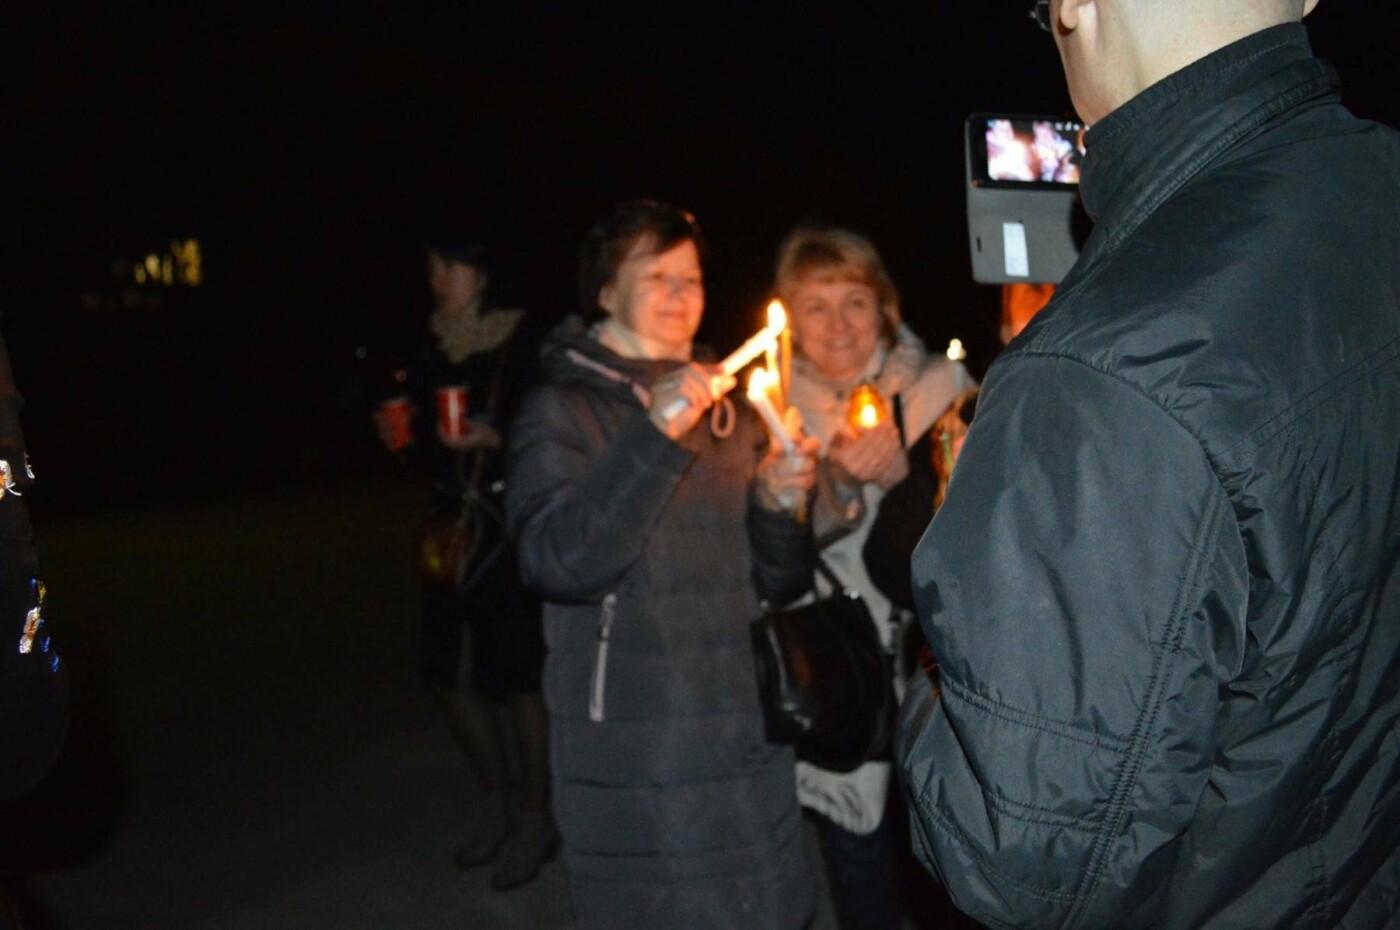 """Накануне Пасхи бойцы """"Кривбасса"""" и волонтер поделились с горожанами частичкой Благодатного Огня (ФОТО), фото-2"""